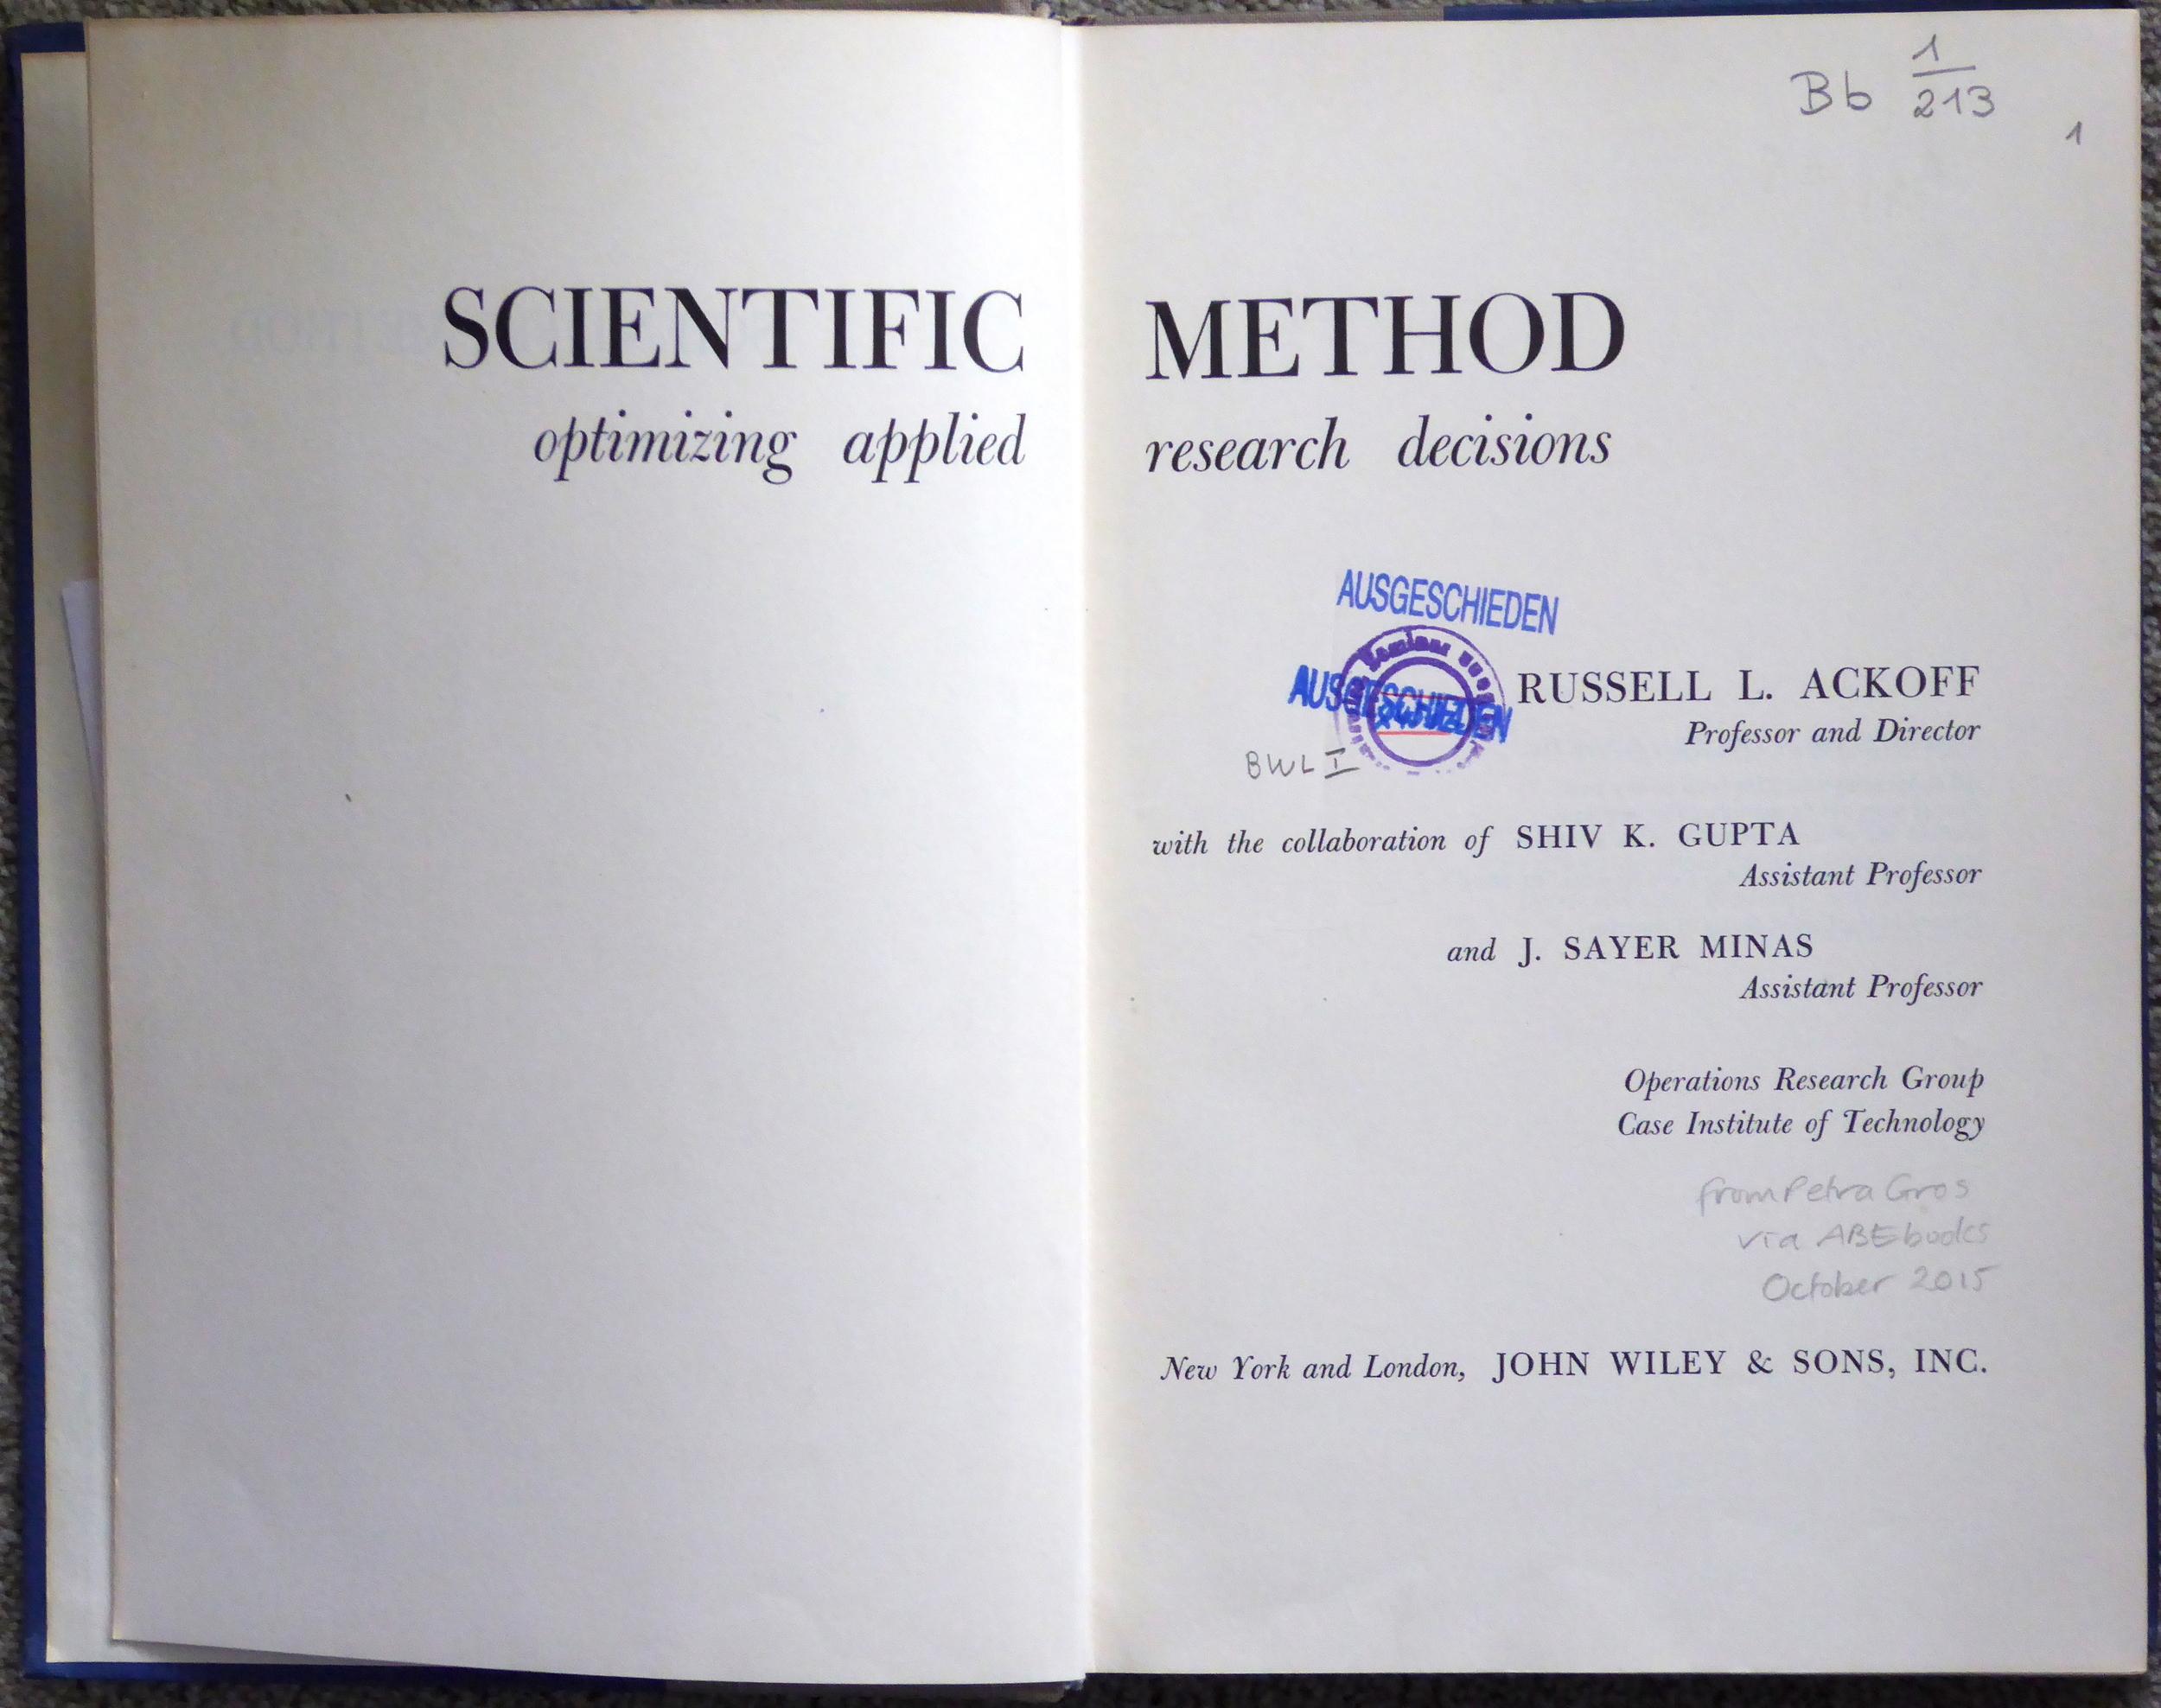 DDR_P1010062_Ackoff_ScientificMethod.JPG